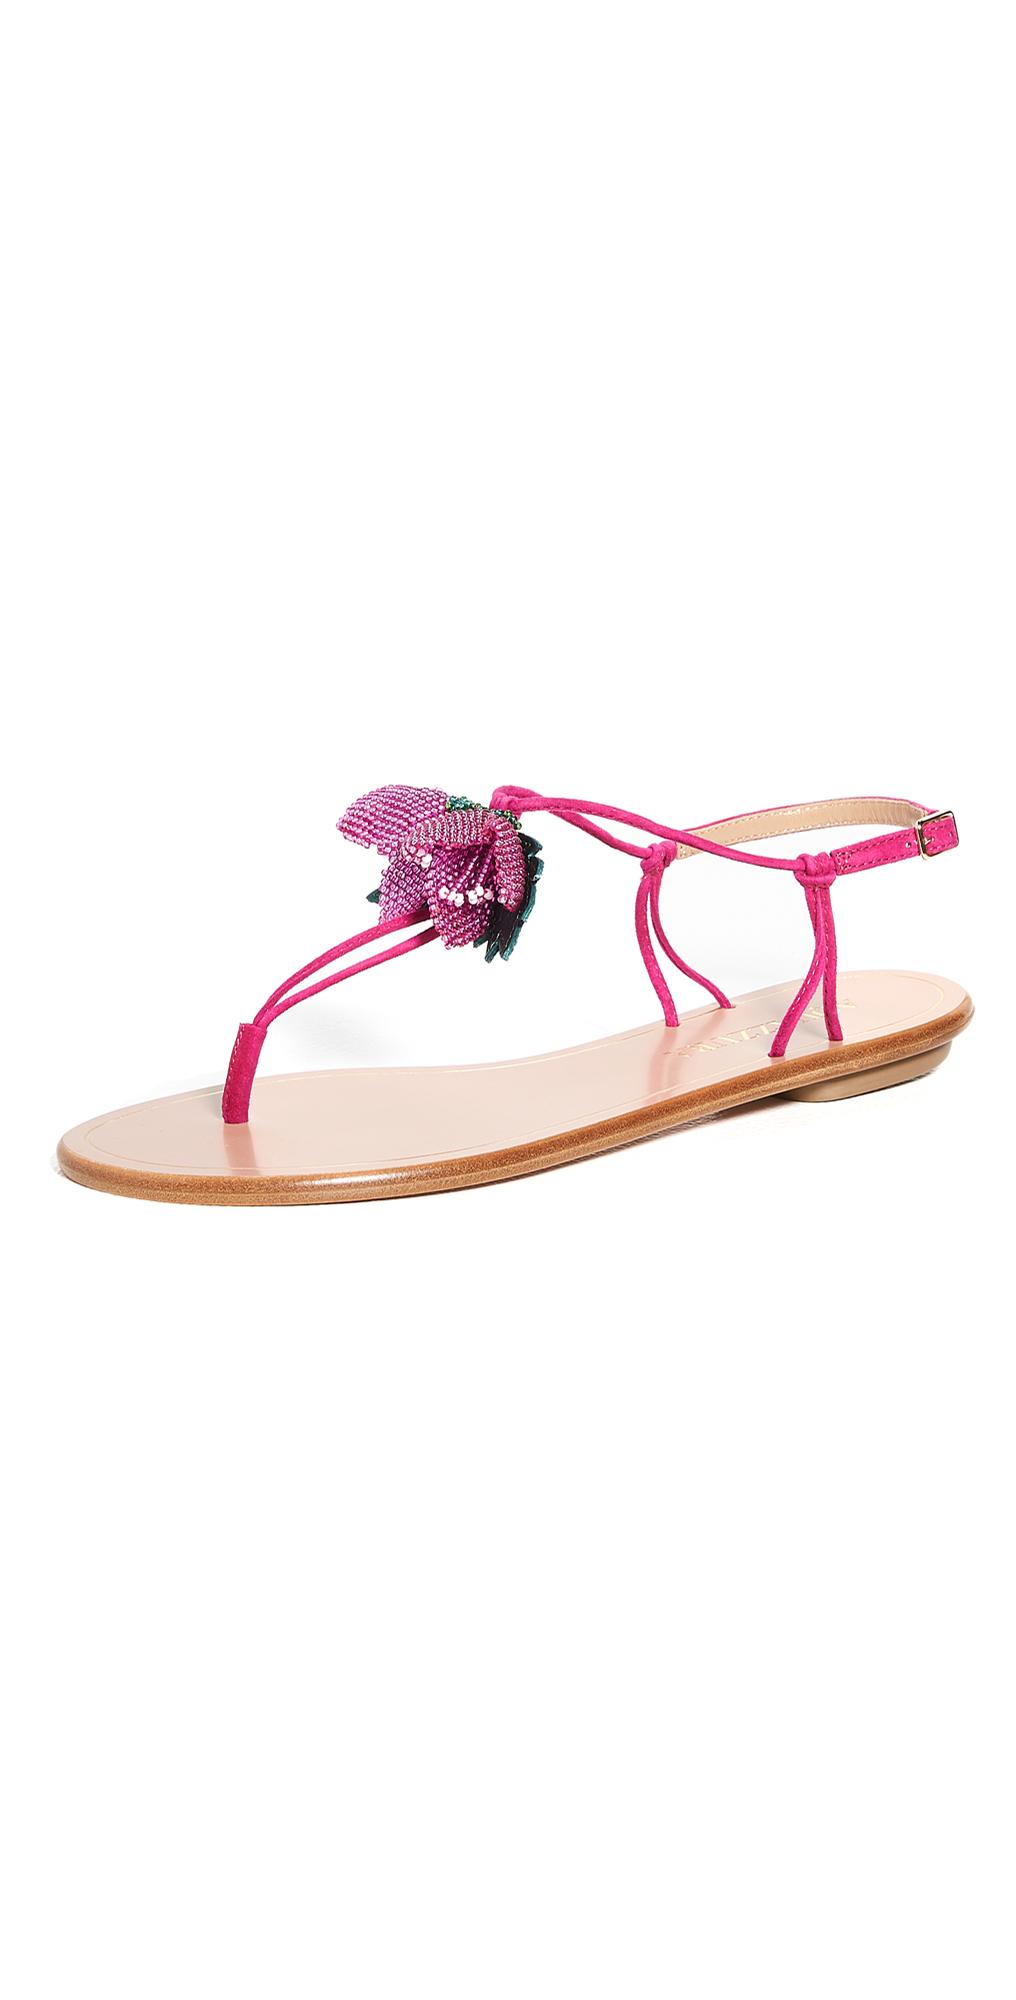 Aquazzura Bougainvillea Flat Sandals